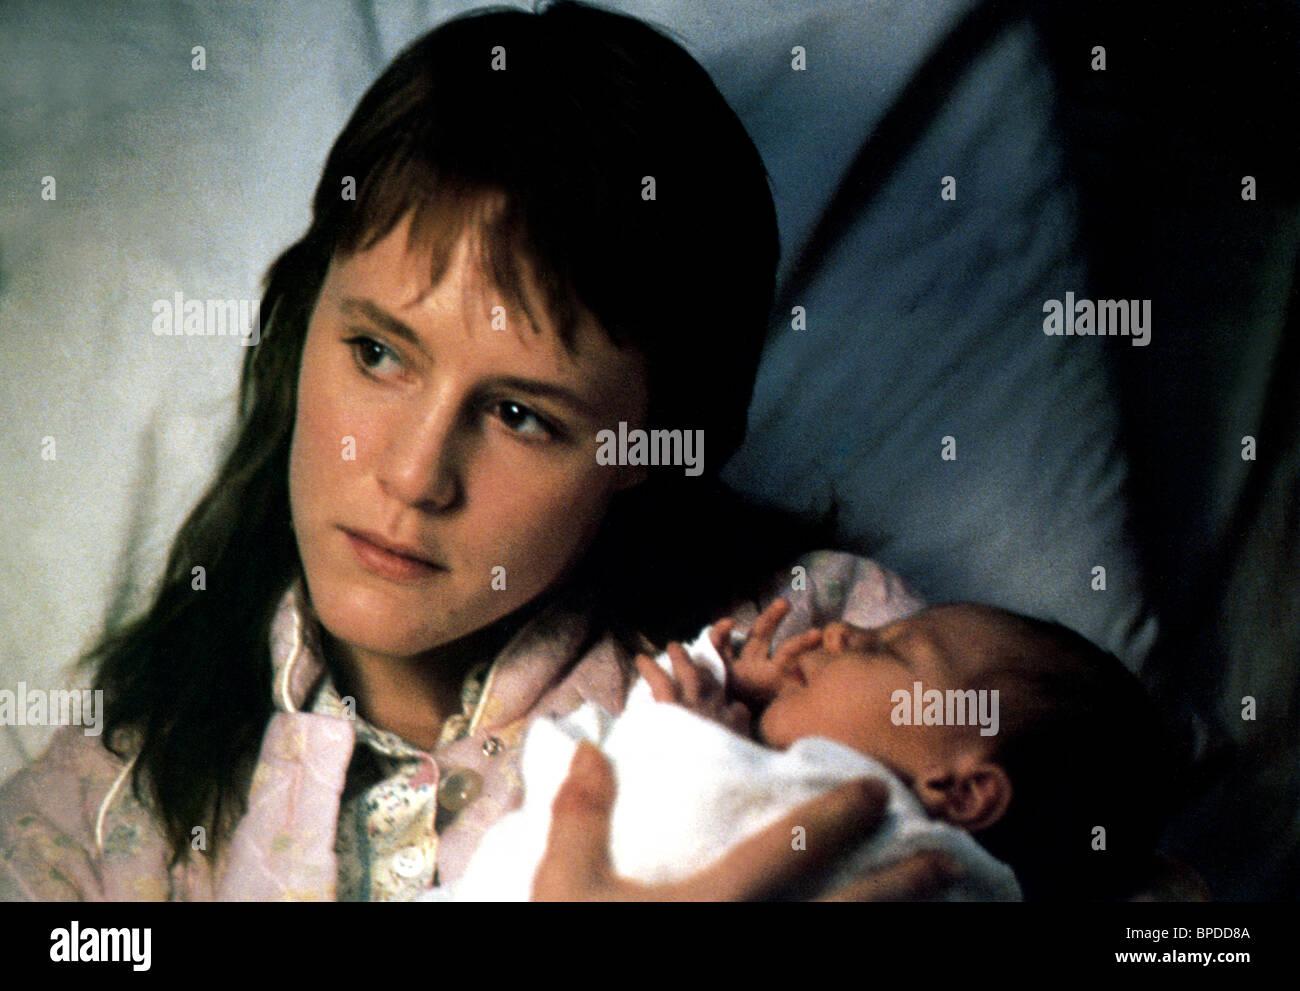 MARY STUART MASTERSON IMMEDIATE FAMILY (1989) Stock Photo